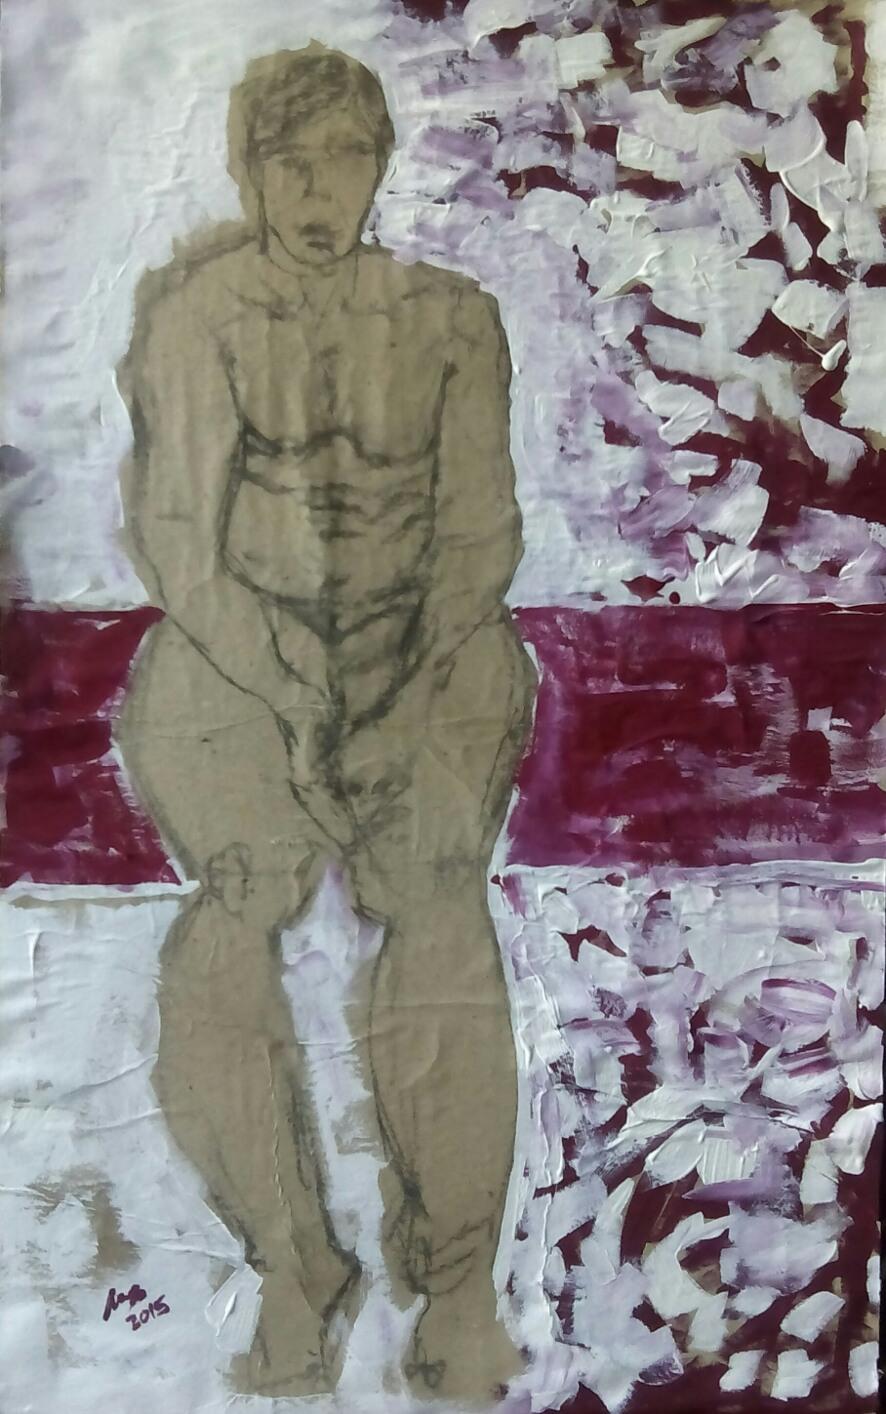 Mujer sentada - Cuadro en venta Artista Maite Arriaga